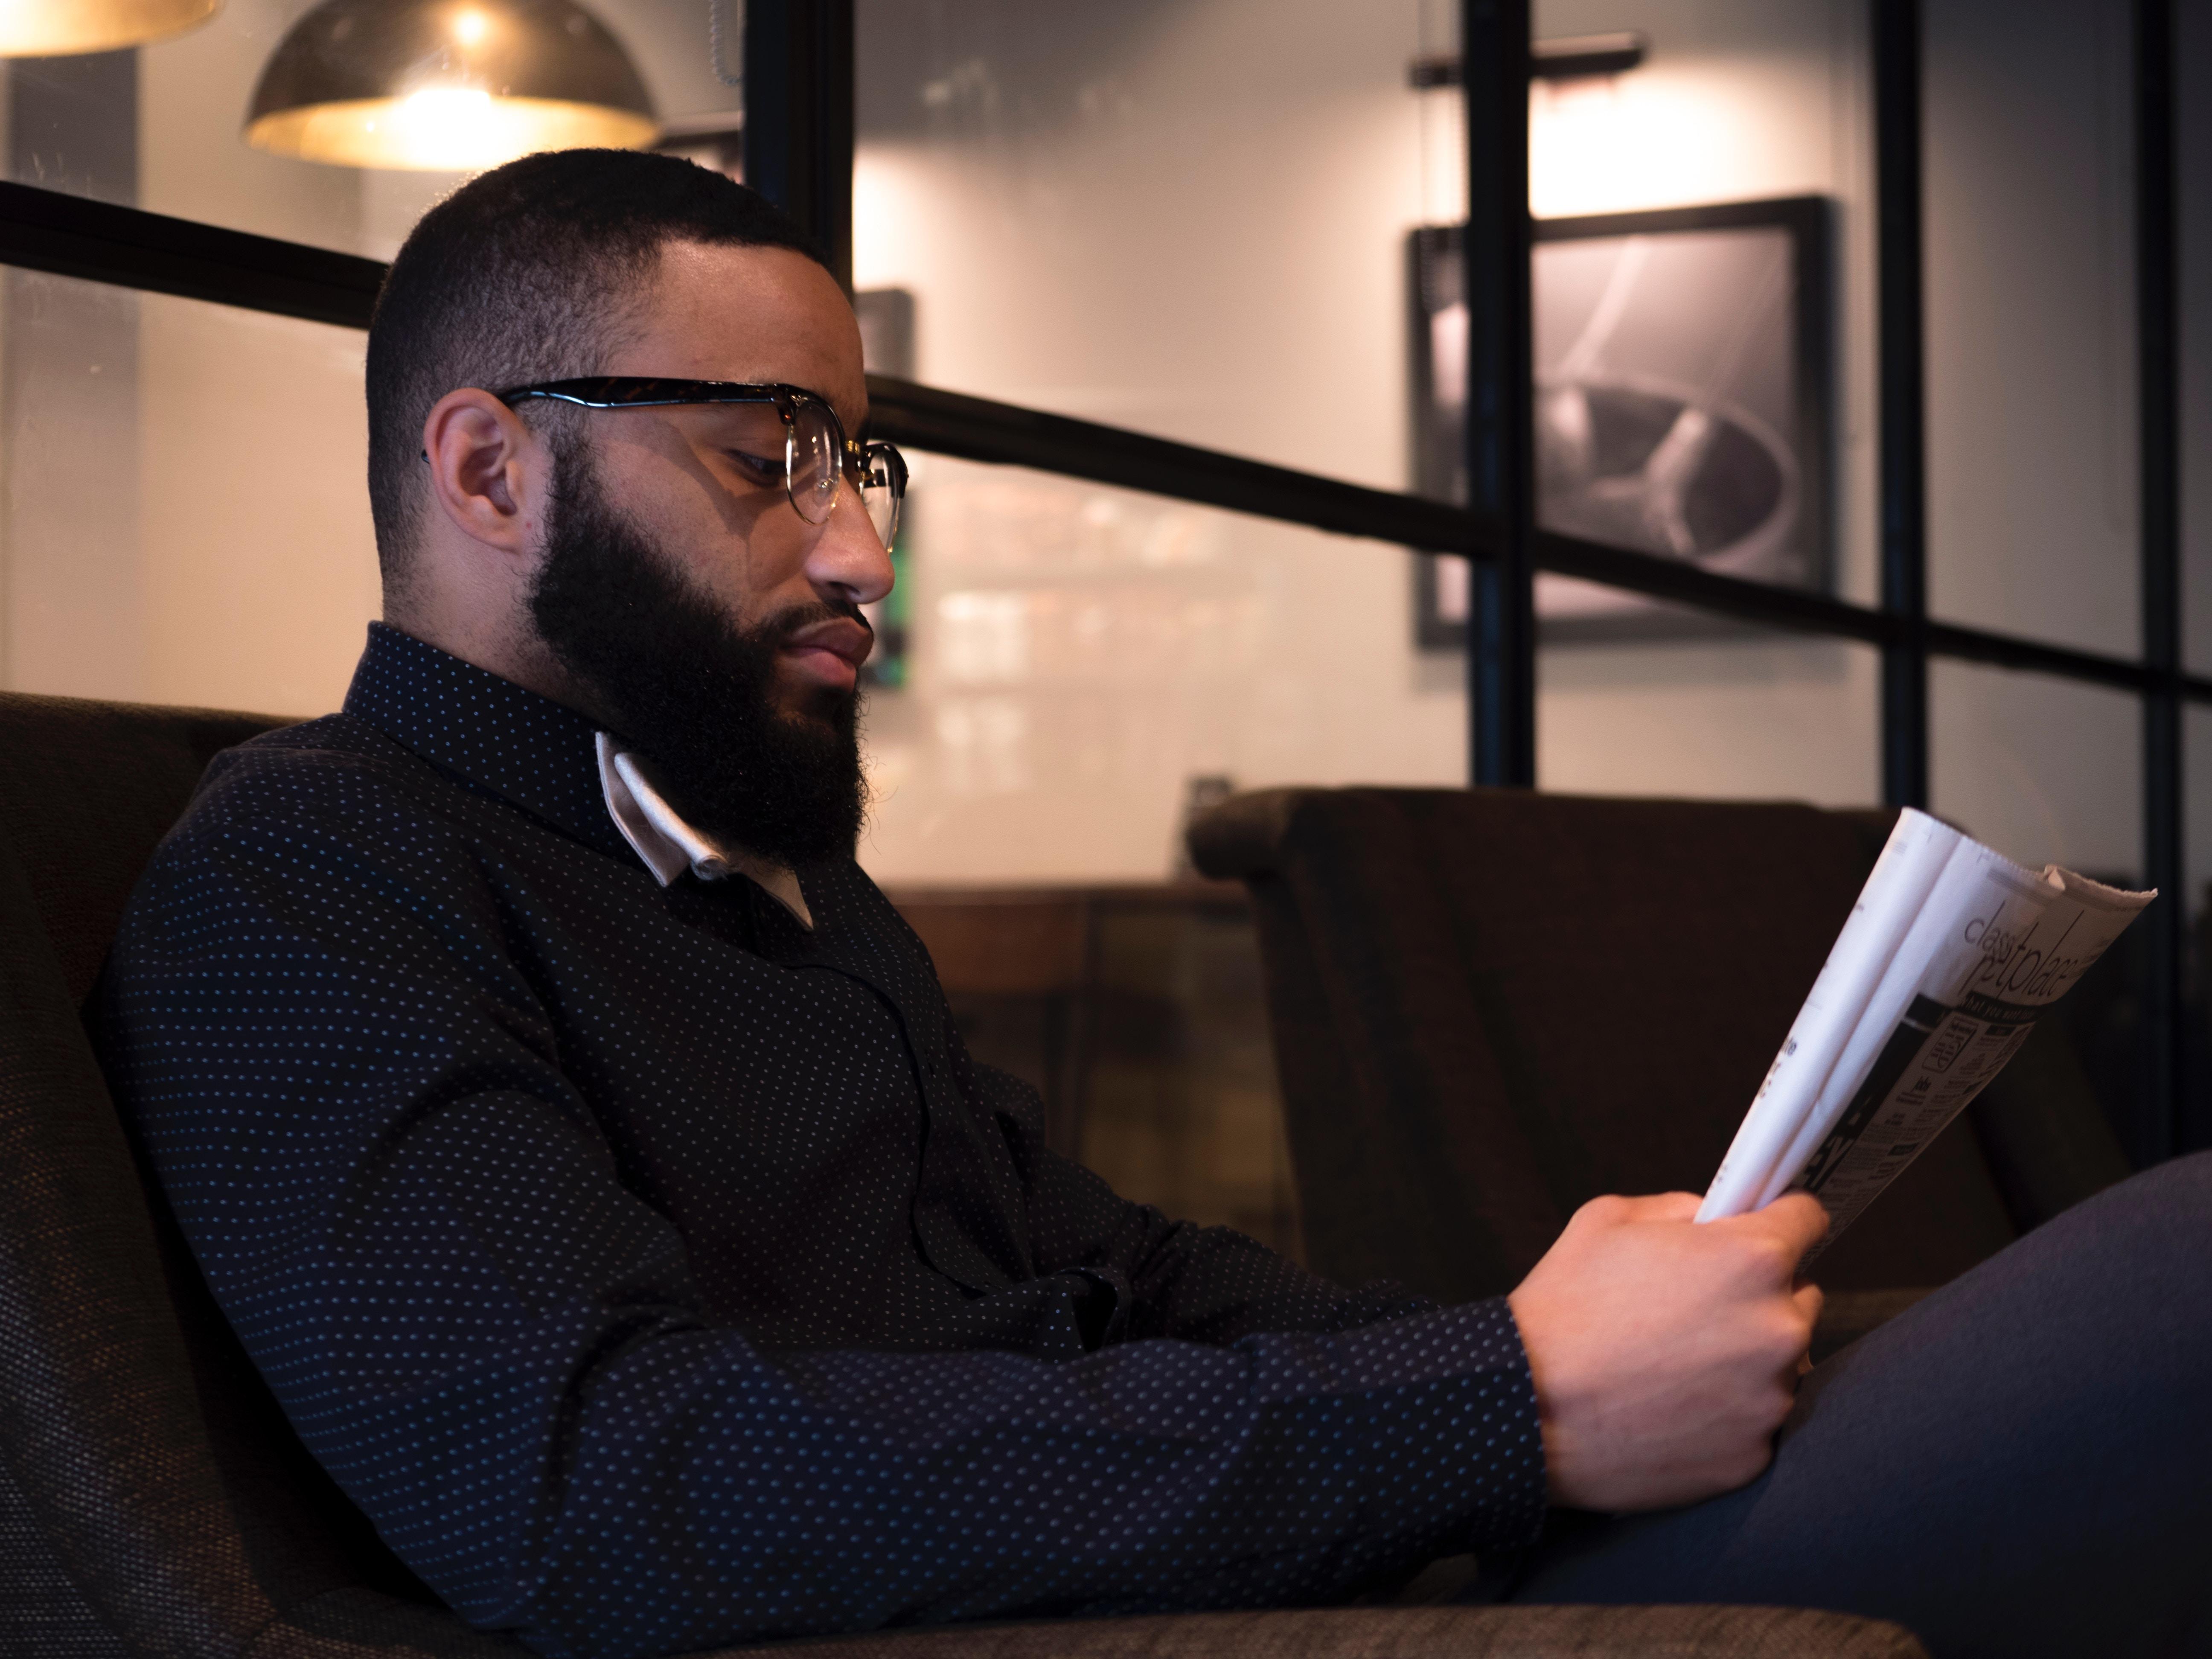 El uso del intelecto en el Corán enfatiza que este debe usarse para adquirir conocimiento y relaciona esto con obtener una creencia correcta